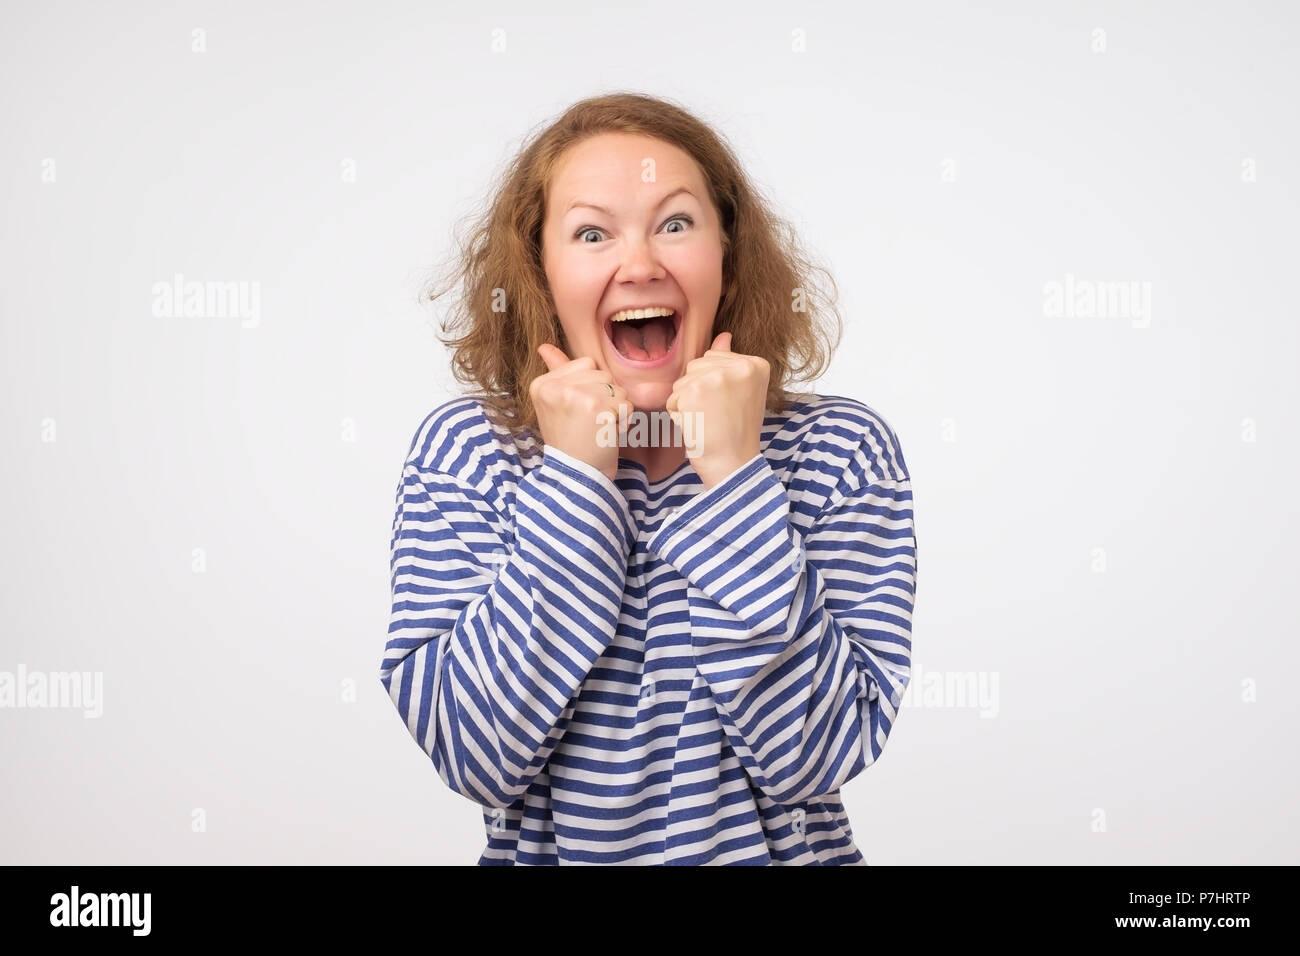 Sorpreso giovane donna sorridente e tenendo le sue palme vicino al viso. Ella è sconvolto con i prezzi di vendita. è vero. Immagini Stock